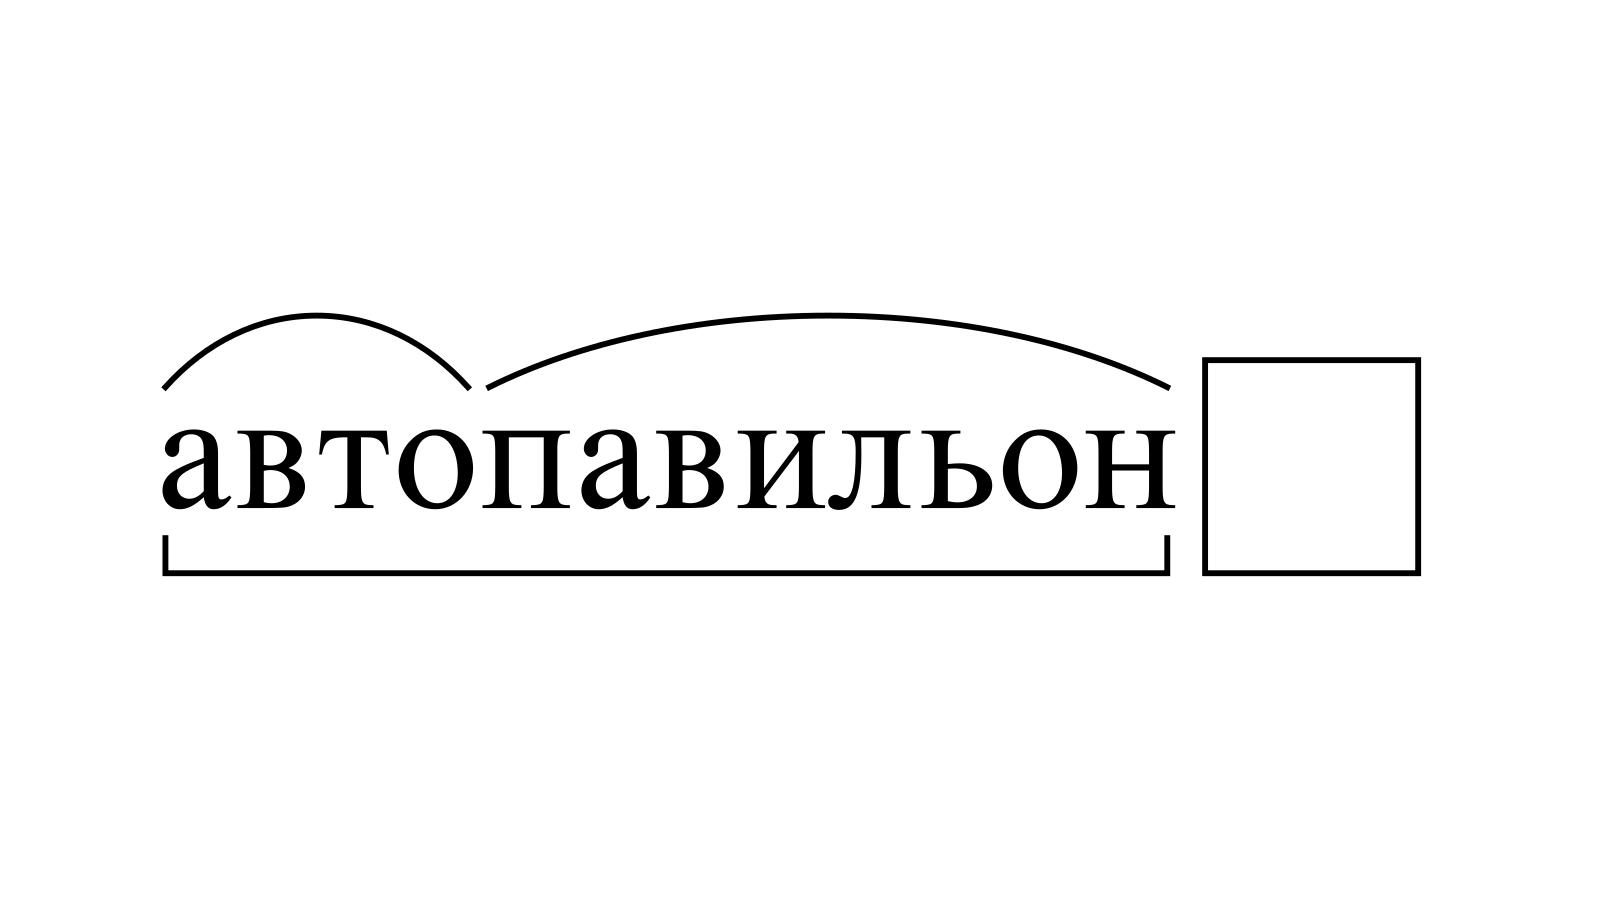 Разбор слова «автопавильон» по составу